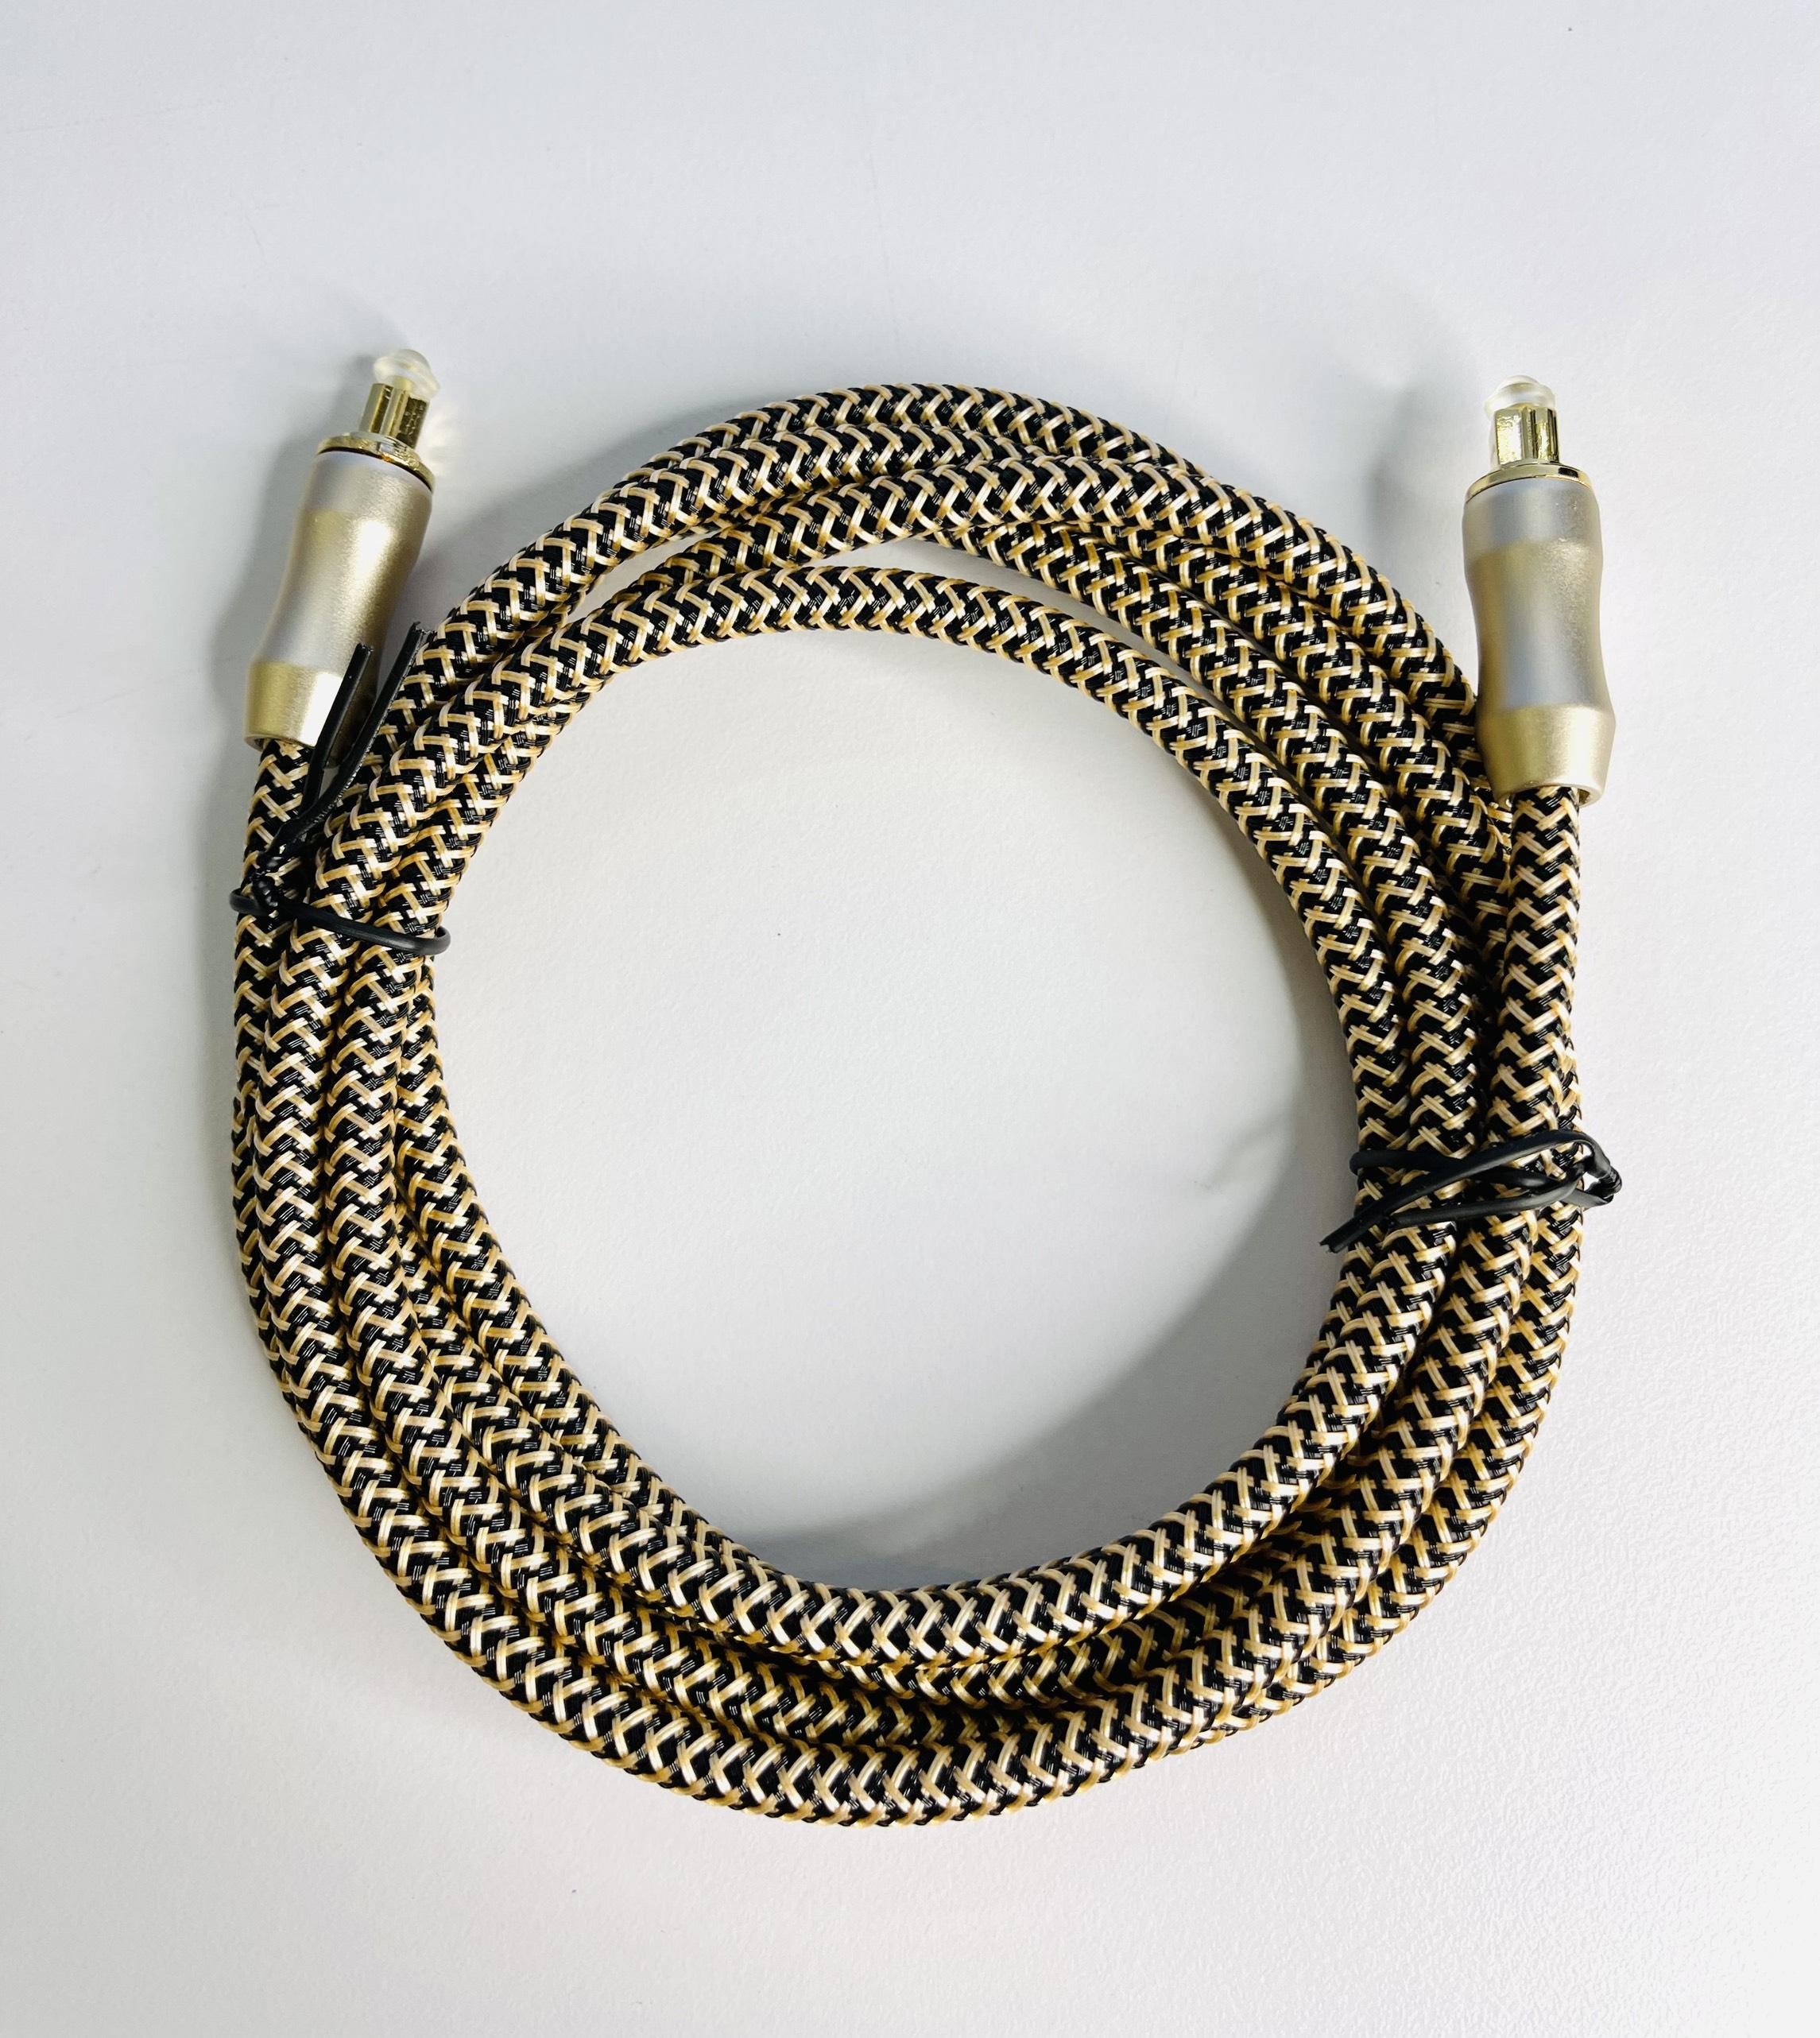 Dây audio quang (Toslink Optical) đầu mạ vàng dài 2M HIMEDIA 8.0 - Hàng chính hãng